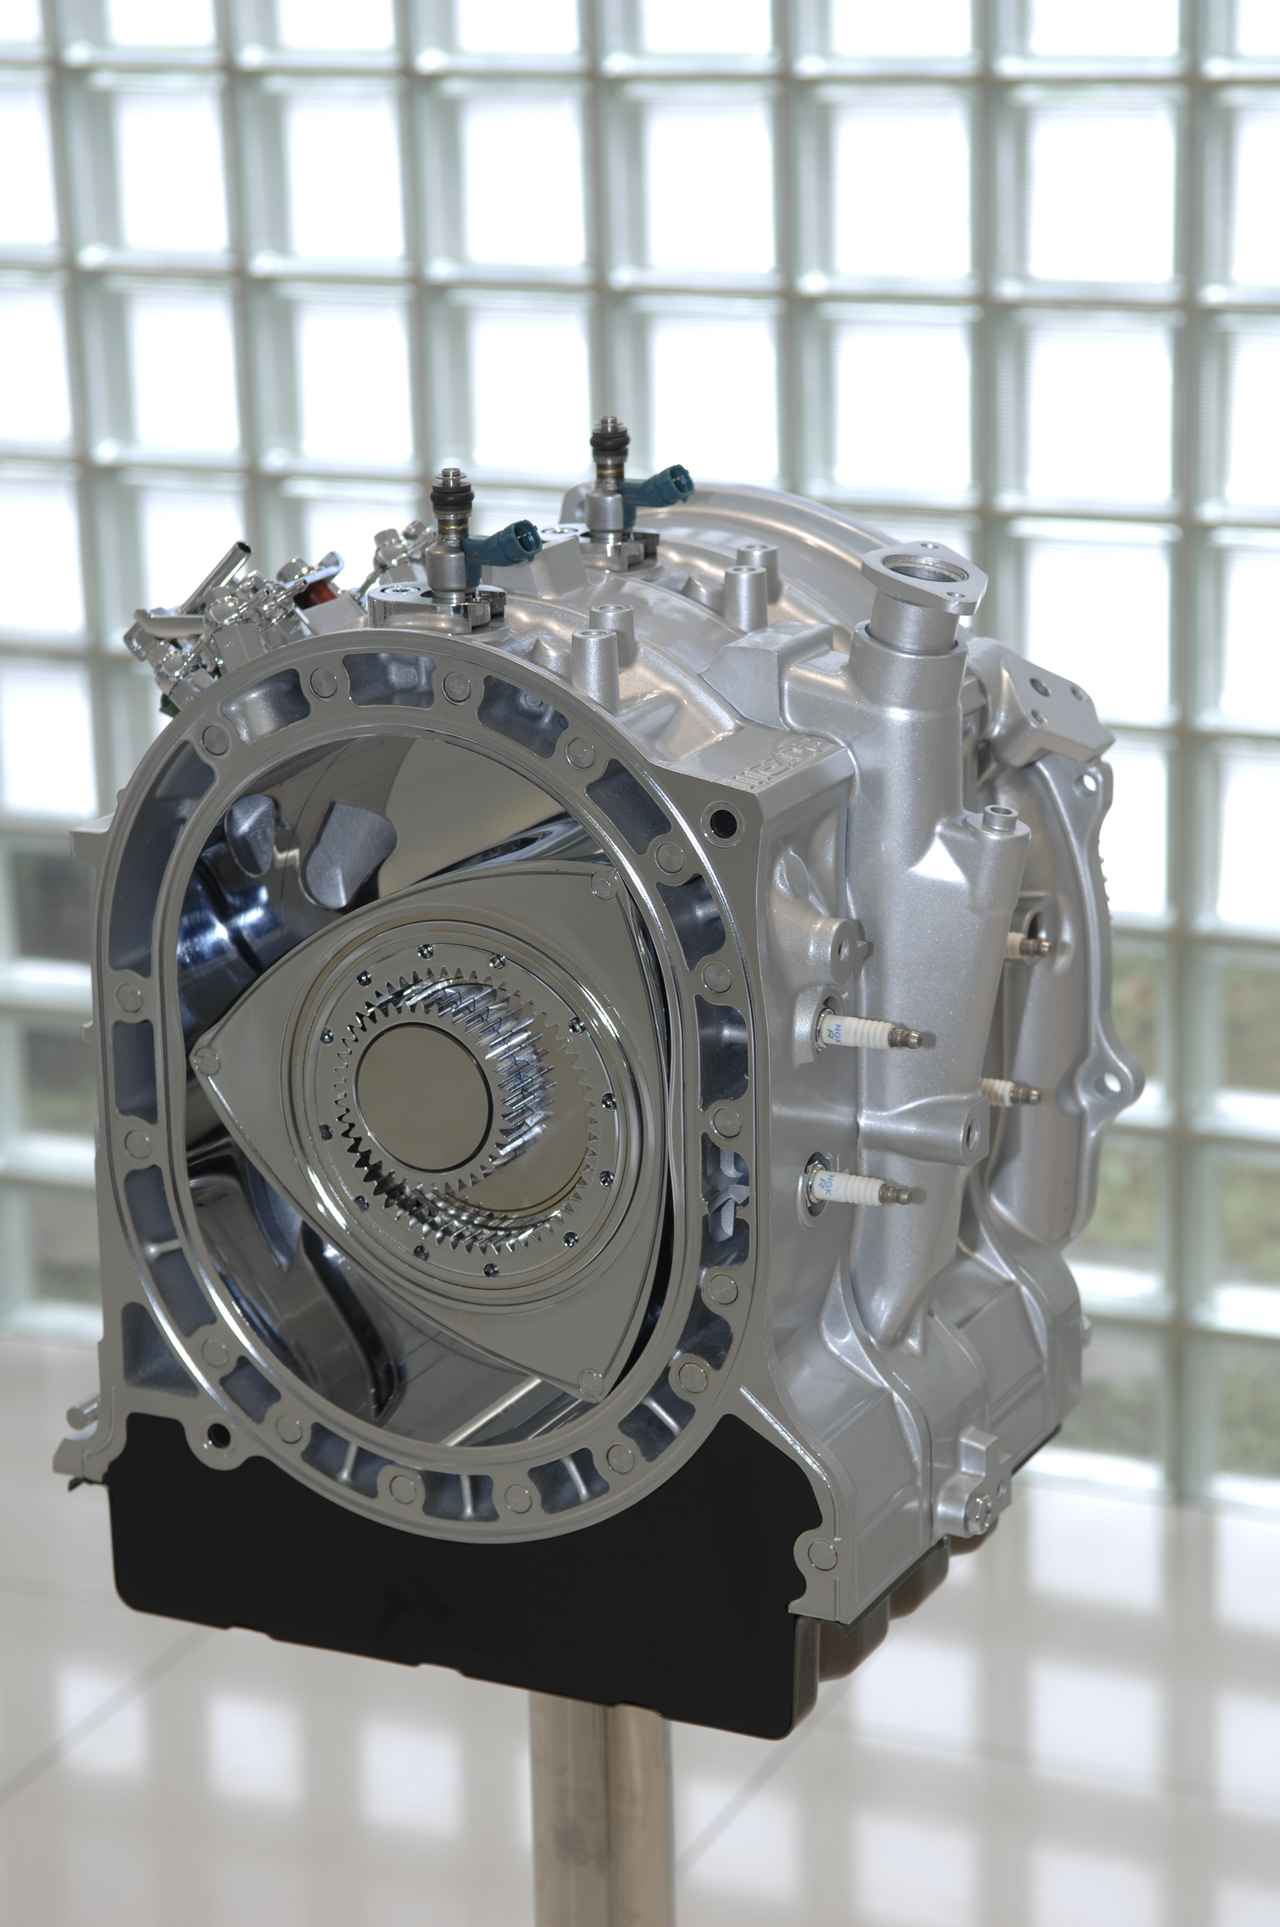 【スクープ】マツダ次世代ロータリーFRスポーツ「RX-9」(仮称)、発売に向けてロータリーエンジンの新特許情報をキャッチ!